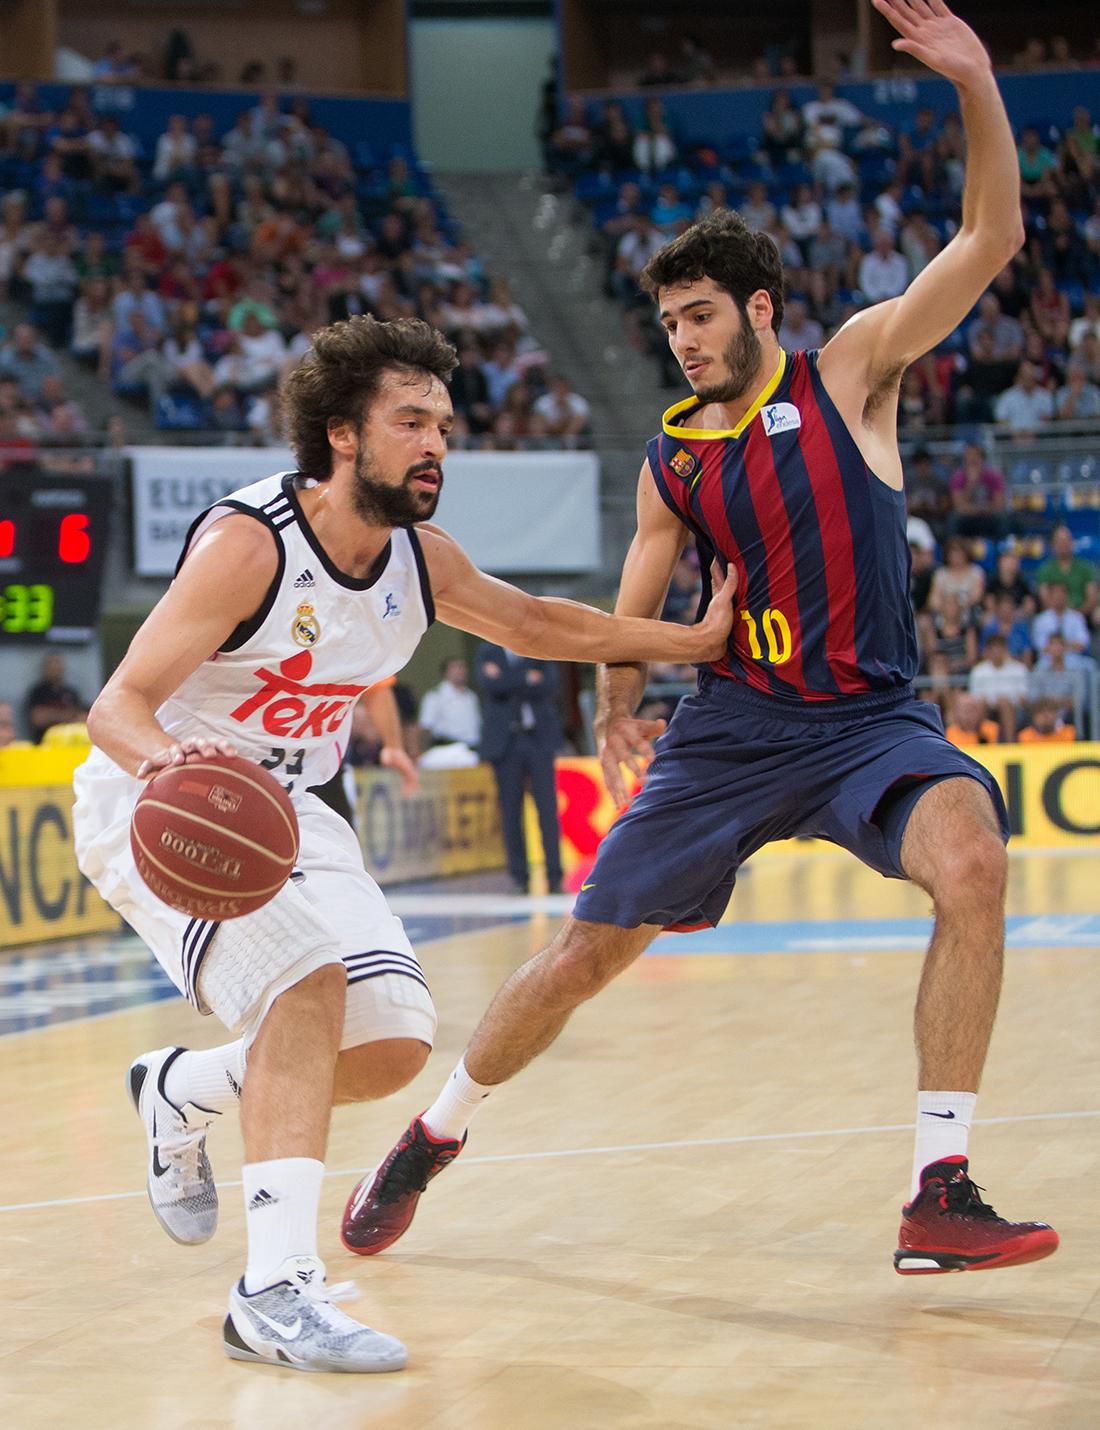 Barcelona y Real Madrid duelo por el orgullo en Liga Endesa en viva basquet /viva basket